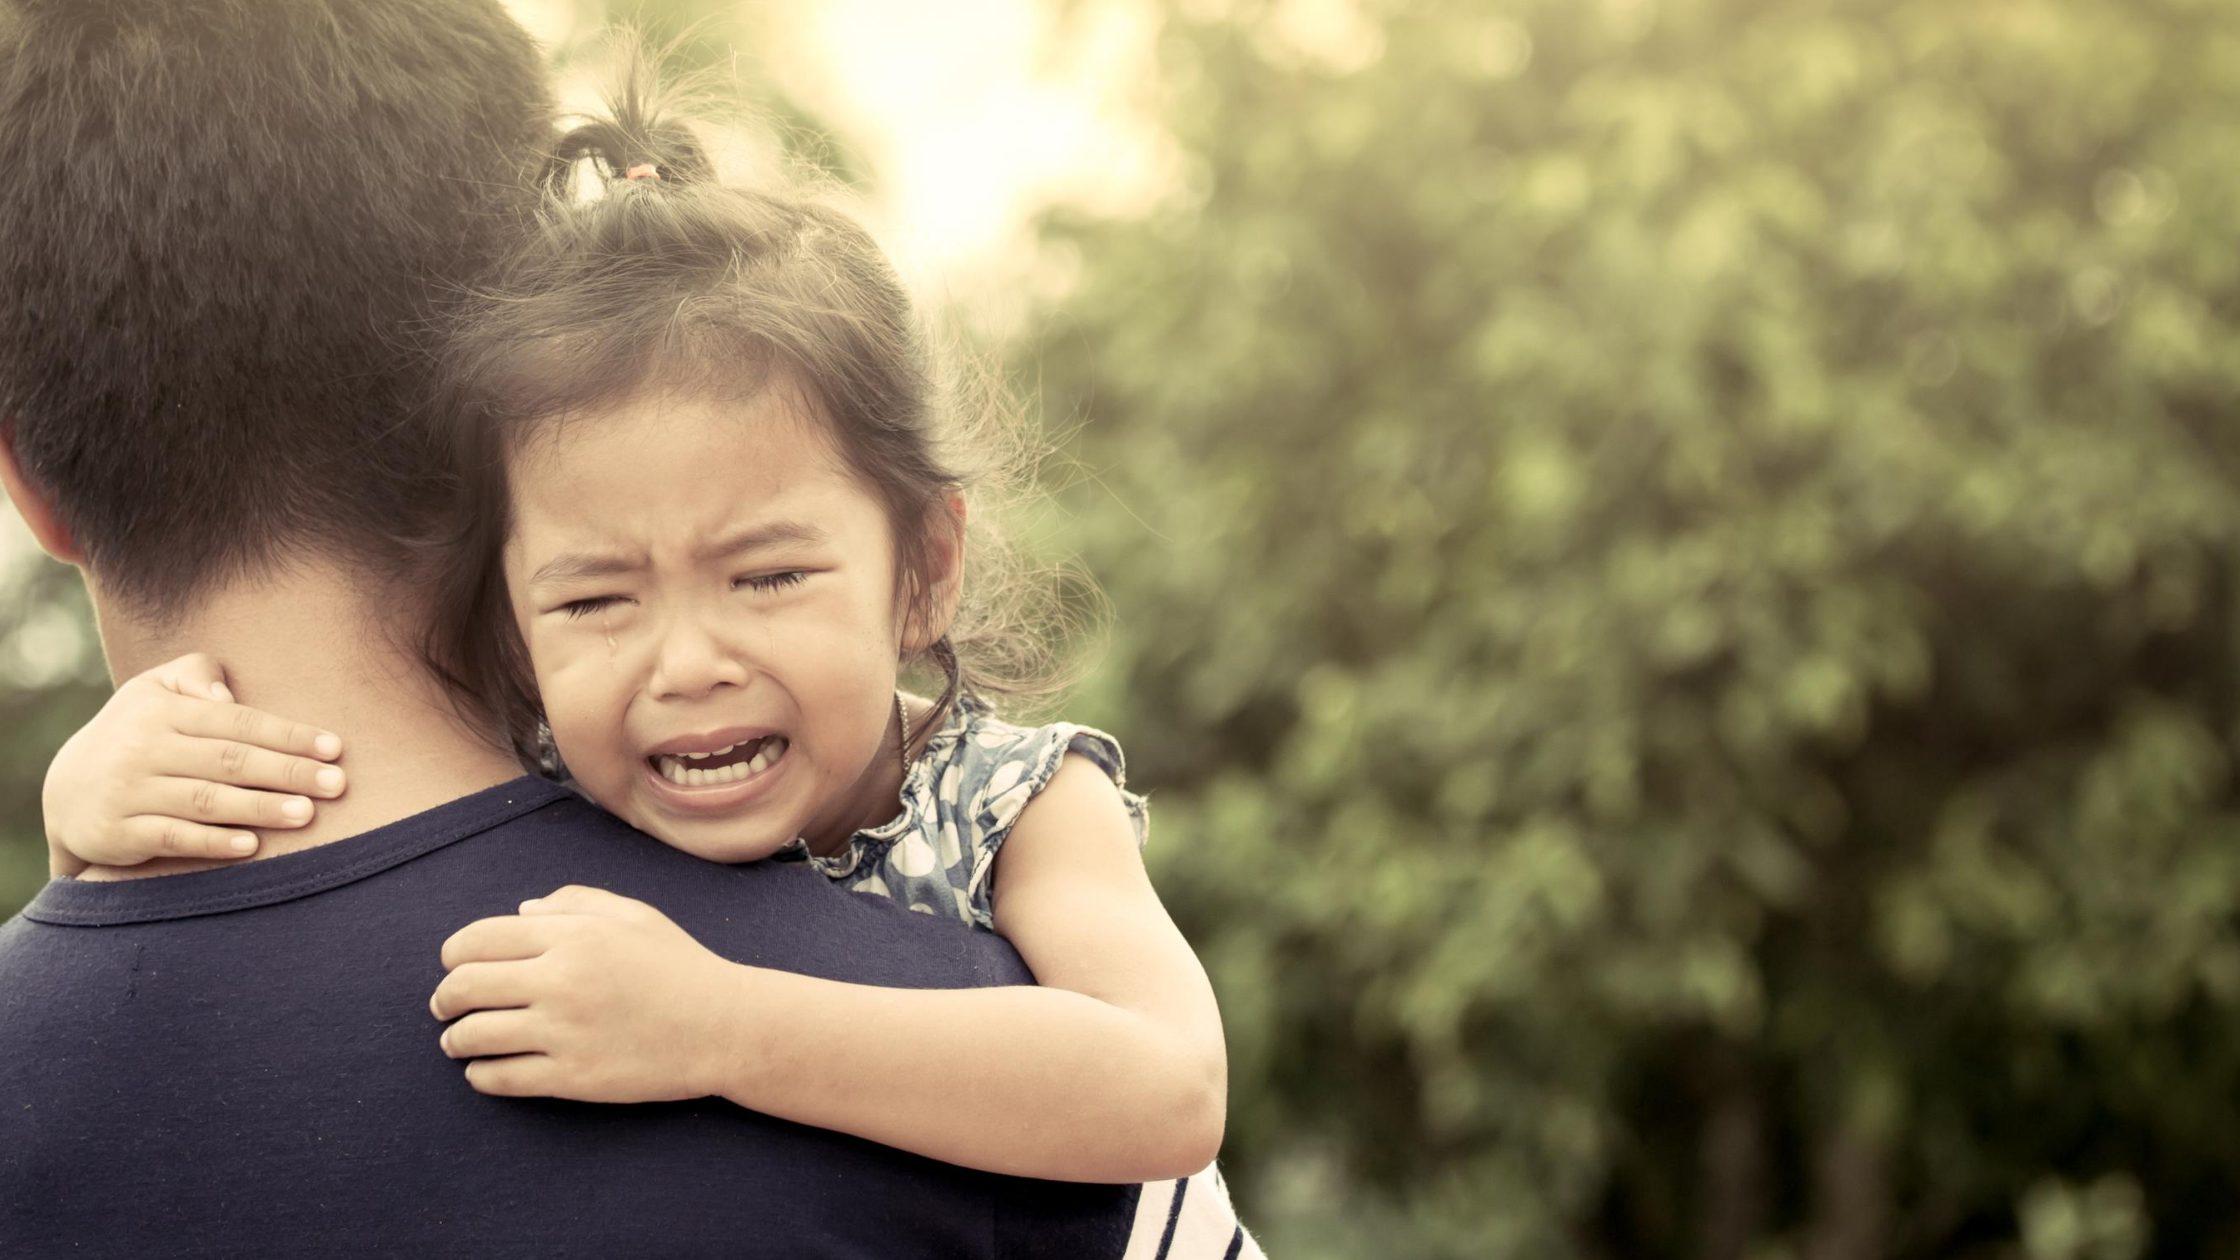 Educação emocional e espiritual para as crianças